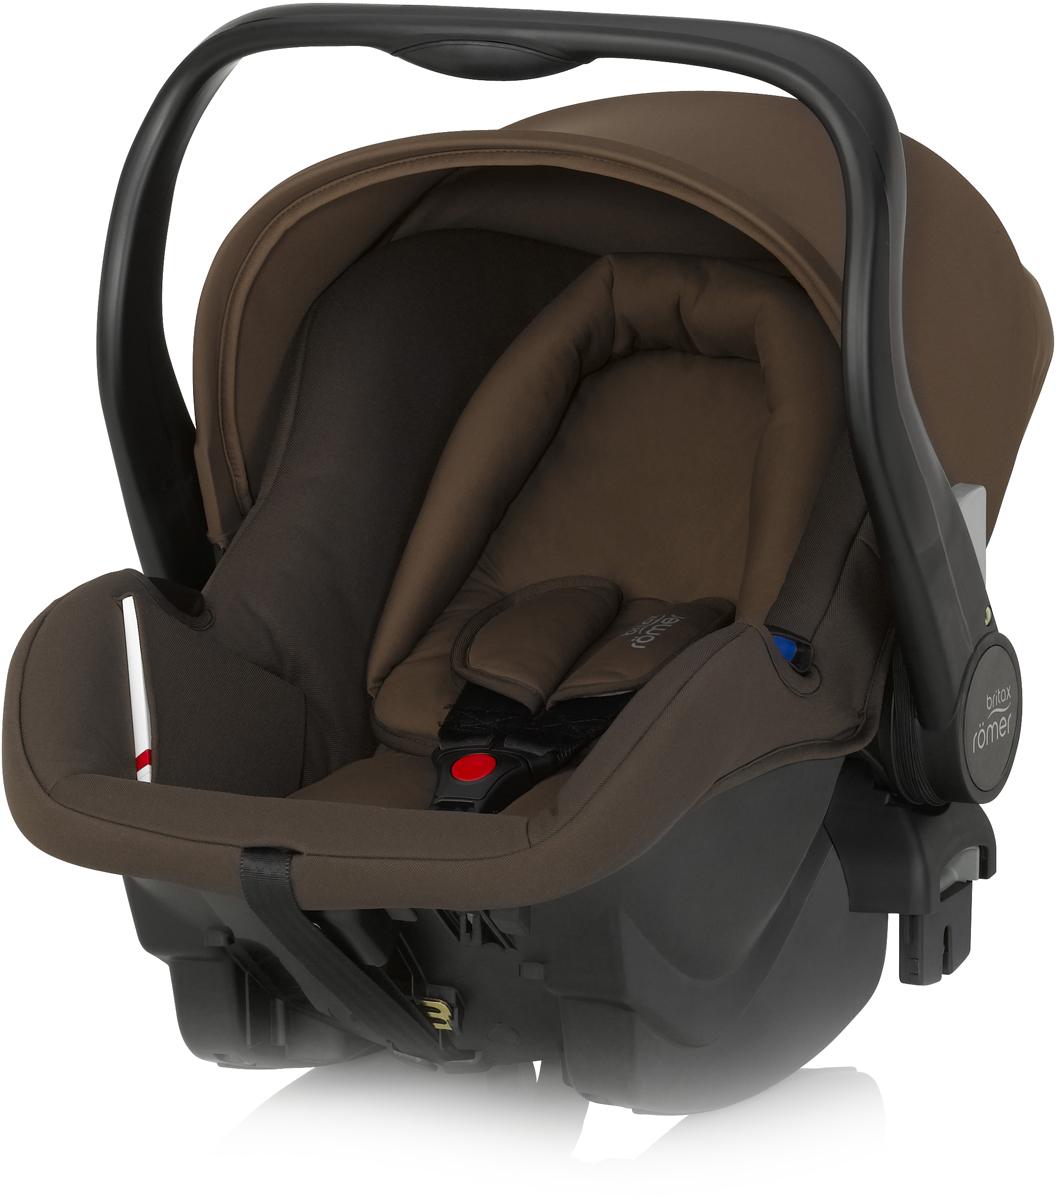 Romer Автокресло Primo Wood Brown до 13 кгFS-80423Автокресло Romer Primo группы 0+ предназначено для детей весом до 13 кг (от рождения до 12 месяцев). Автокресло было разработано для родителей, которые ценят комфорт ребенка, простоту в обращении и удобство установки в любом автомобиле. Удобная ручка для переноса, регулируемый капюшон, встроенные адаптеры для коляски, оснащенной системой CLICK & GO, вставка для новорожденных из двух частей, легкость и простота установки в автомобиле - идеальное сочетание для создания Travel System - собственной системы путешествий. Автокресло Romer Primo создано, чтобы приносить только положительные эмоции.Особенности:Внутренний 3-точечный ремень безопасности регулируется всего одним движением руки.Специальный вкладыш для новорожденных, состоящий из 2 частей (подголовника с мягкими бортиками и подушки под спину), обеспечивает комфорт и безопасность во время сна. При необходимости вынимается, увеличивая свободное пространство внутри автокресла.Совместимость с детскими колясками BRITAX, оснащенными механизмом CLICK & GO.Съемный капор для защиты от солнца и ветра с защитой от УФ-излучения 50+. Эргономичная ручка для переноски: для ношения и использования в авто; для укладывания ребенка; для надежной установки за пределами автомобиля.Быстросъемный моющийся чехол с мягкой подкладкой, не требующий расцепления ремня безопасности.Изогнутое основание для укачивания или кормления.Глубокие боковины с мягкой обивкой и плечевые накладки на внутренних ремнях для еще большего комфорта ребенка.Быстрая и простая установка с помощью 3-точечного ремня безопасности автомобиля или специальной базы PRIMO.